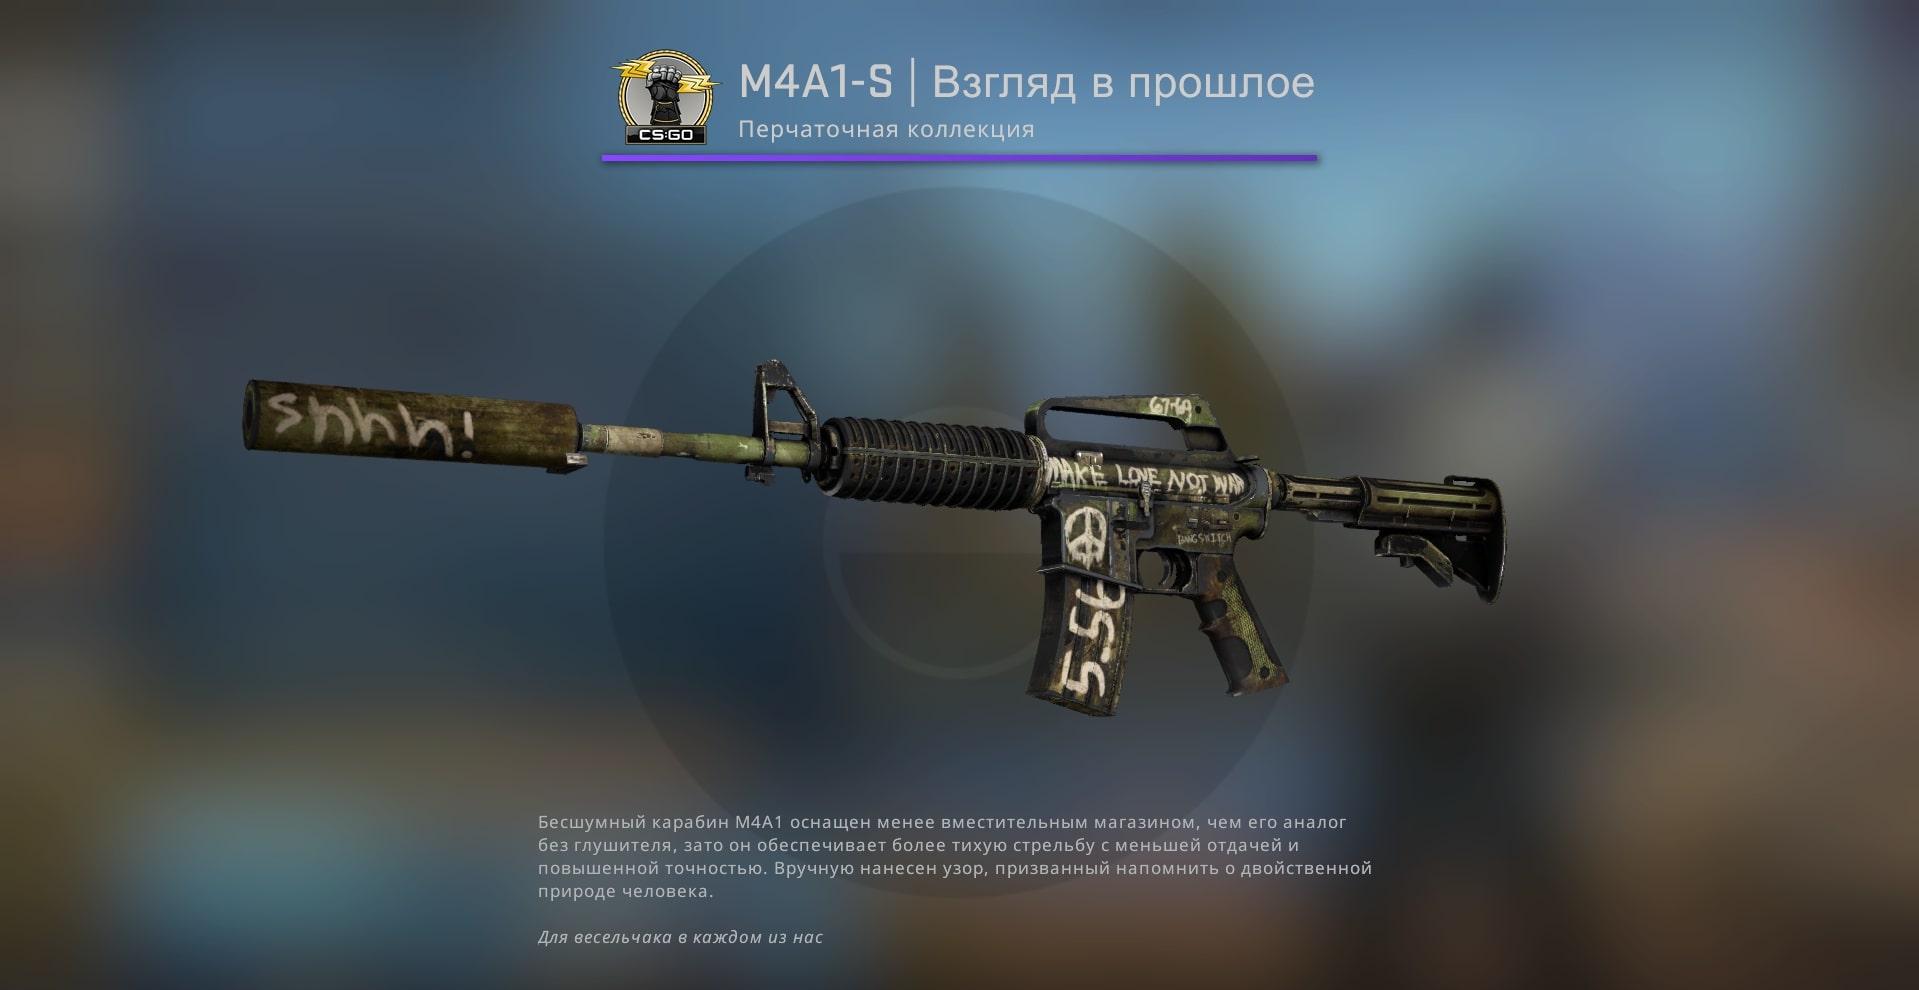 M4A1-S   Взгляд в прошлое